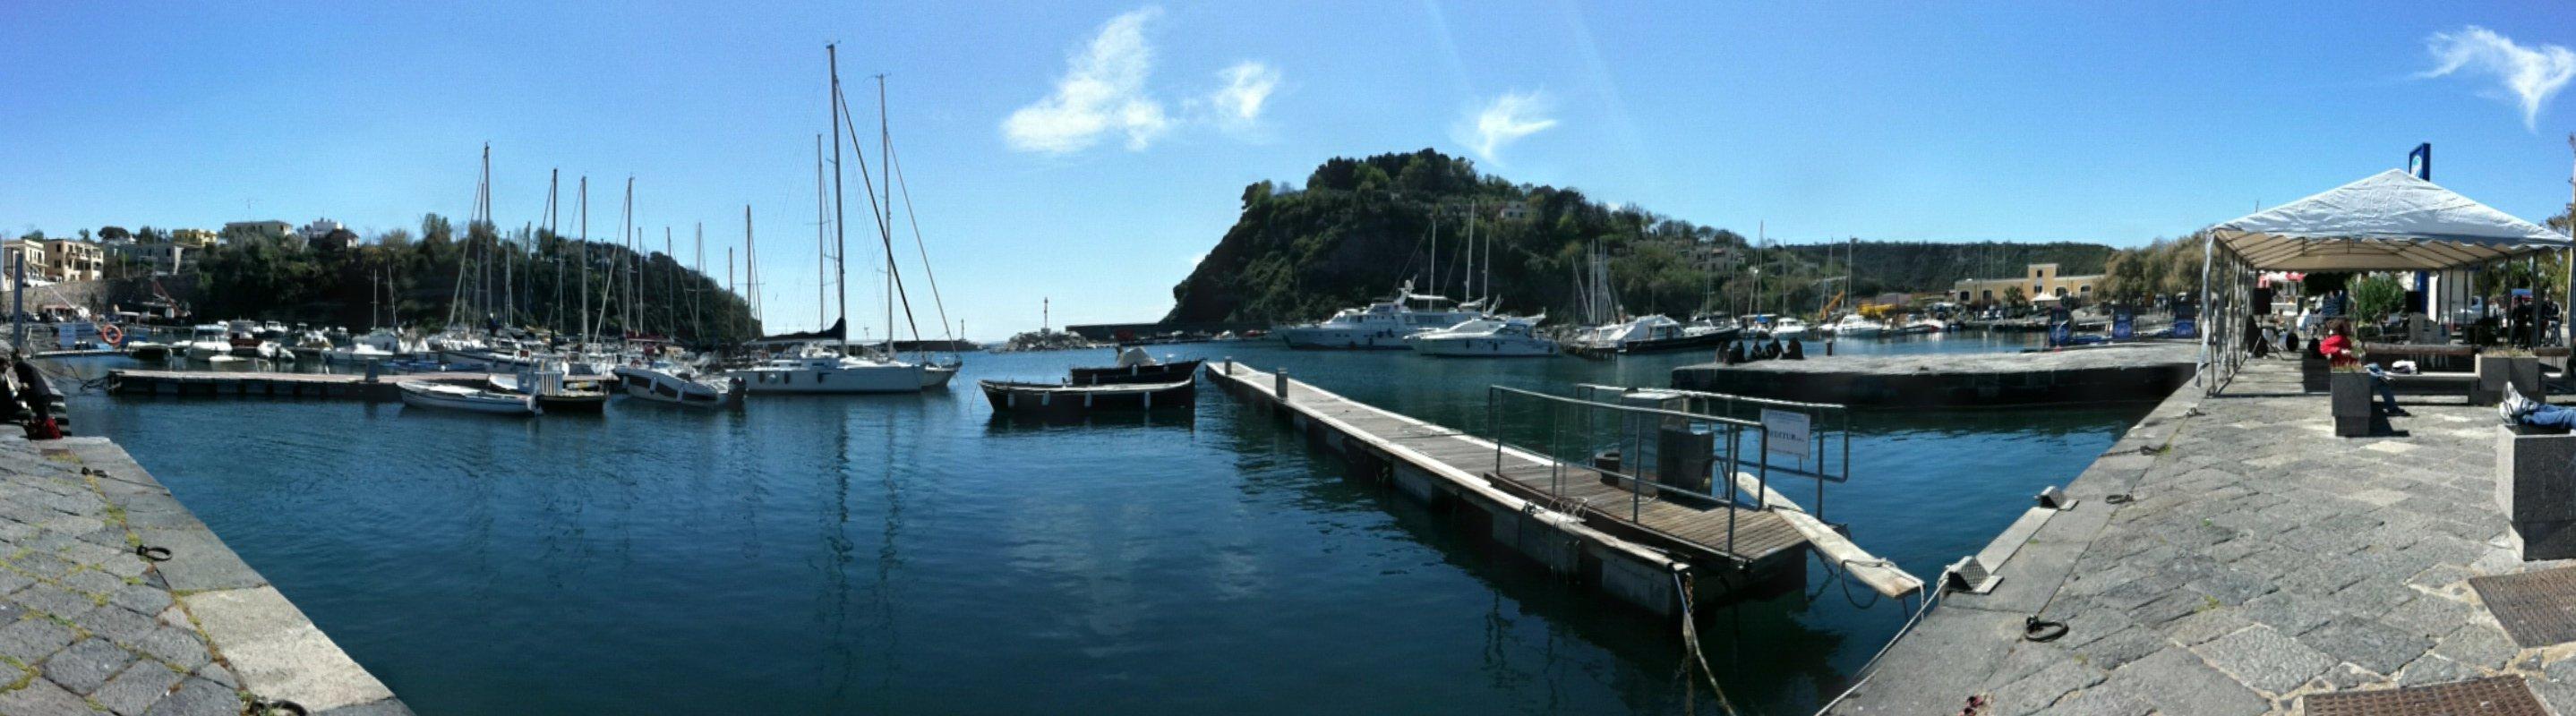 Barcheggiando